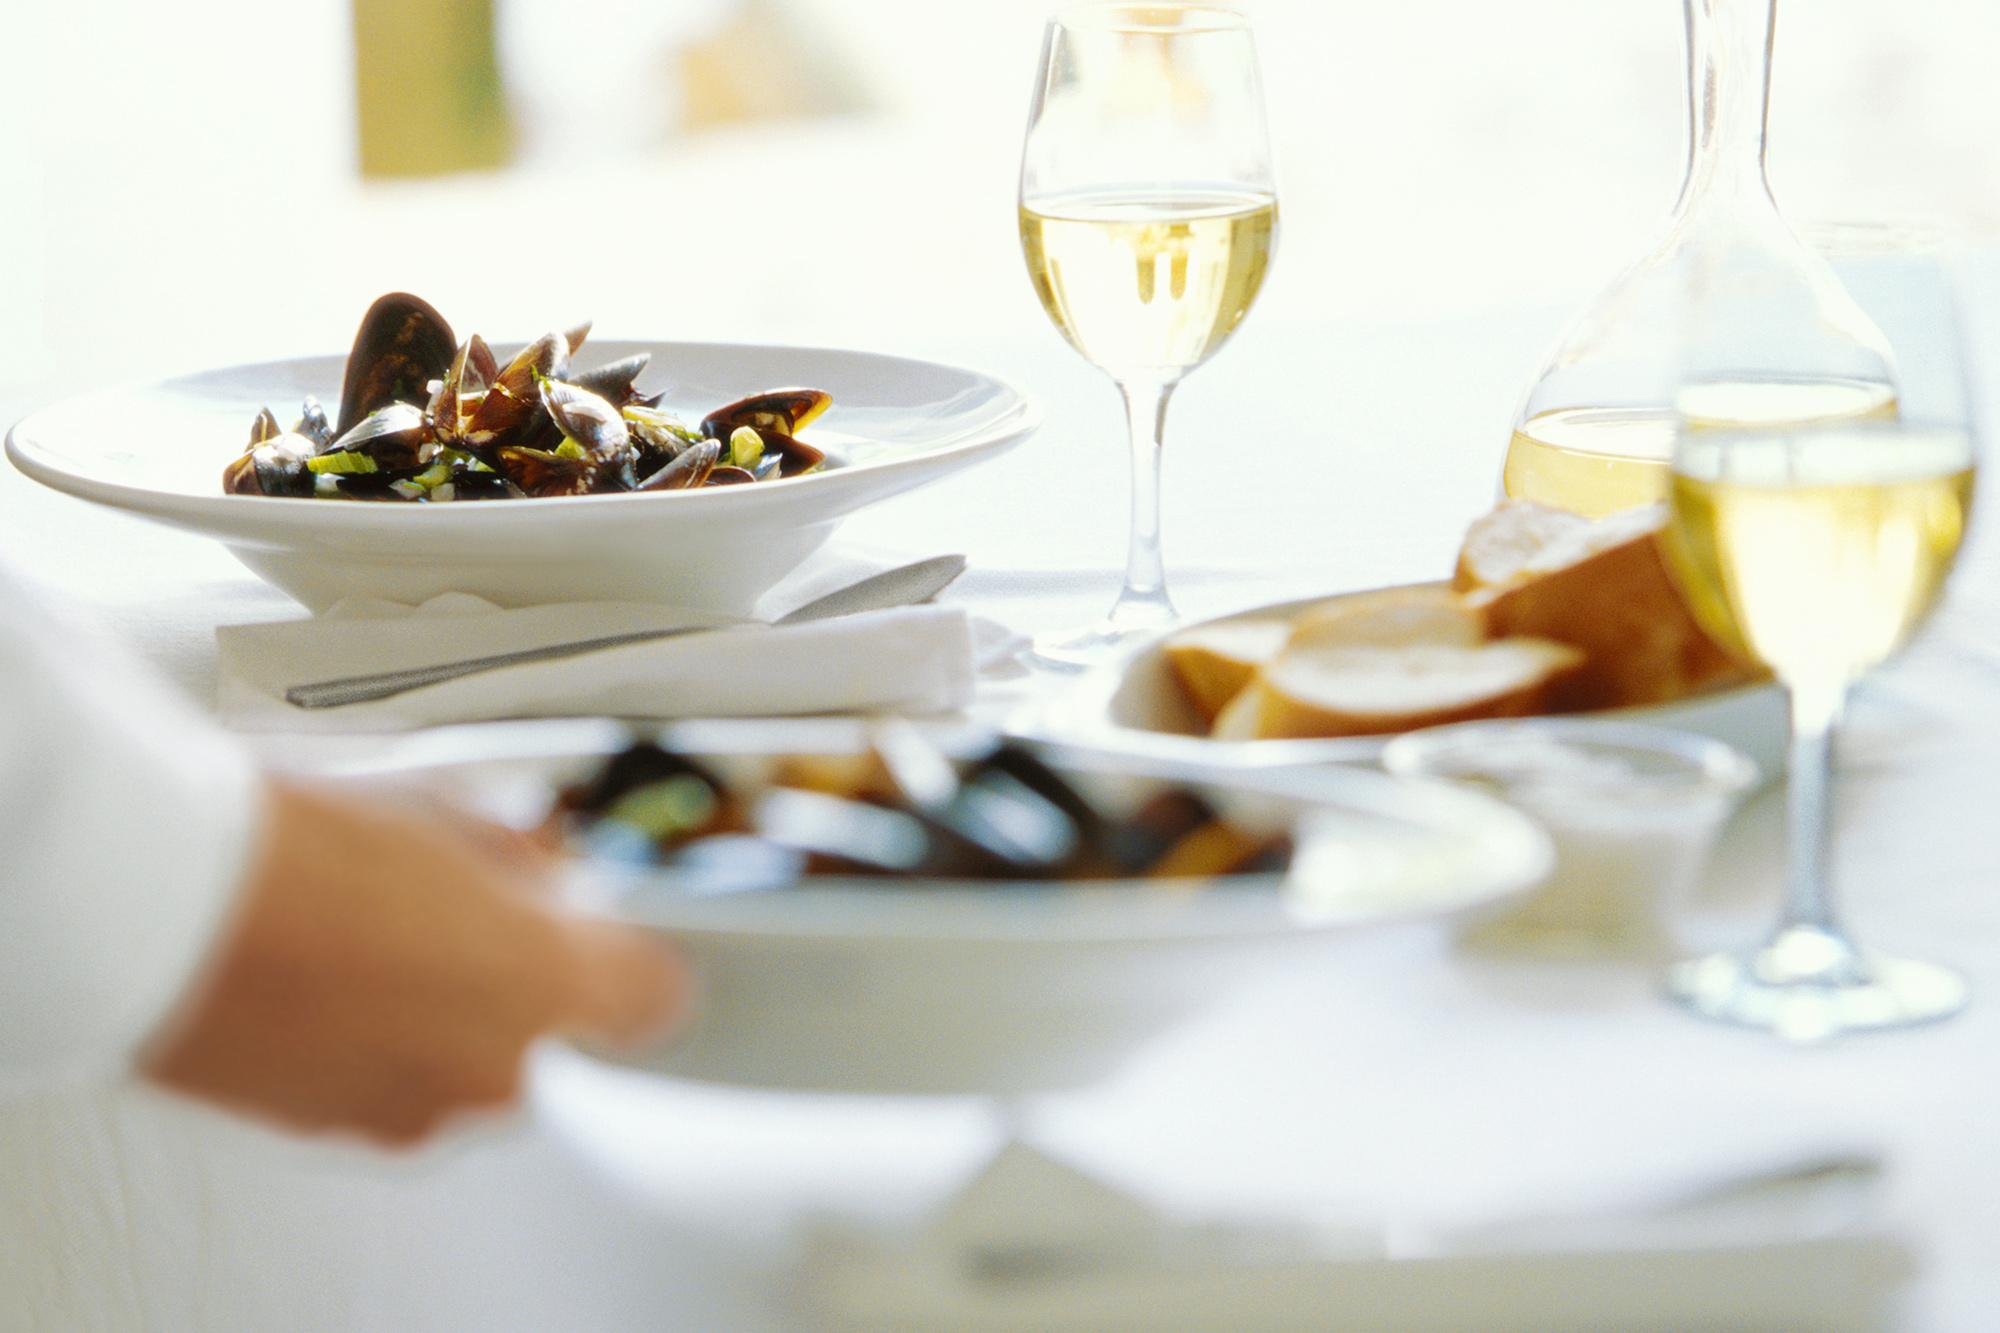 regionale kche - Hotels Mit Glutenfreier Kuche Auf Mallorca